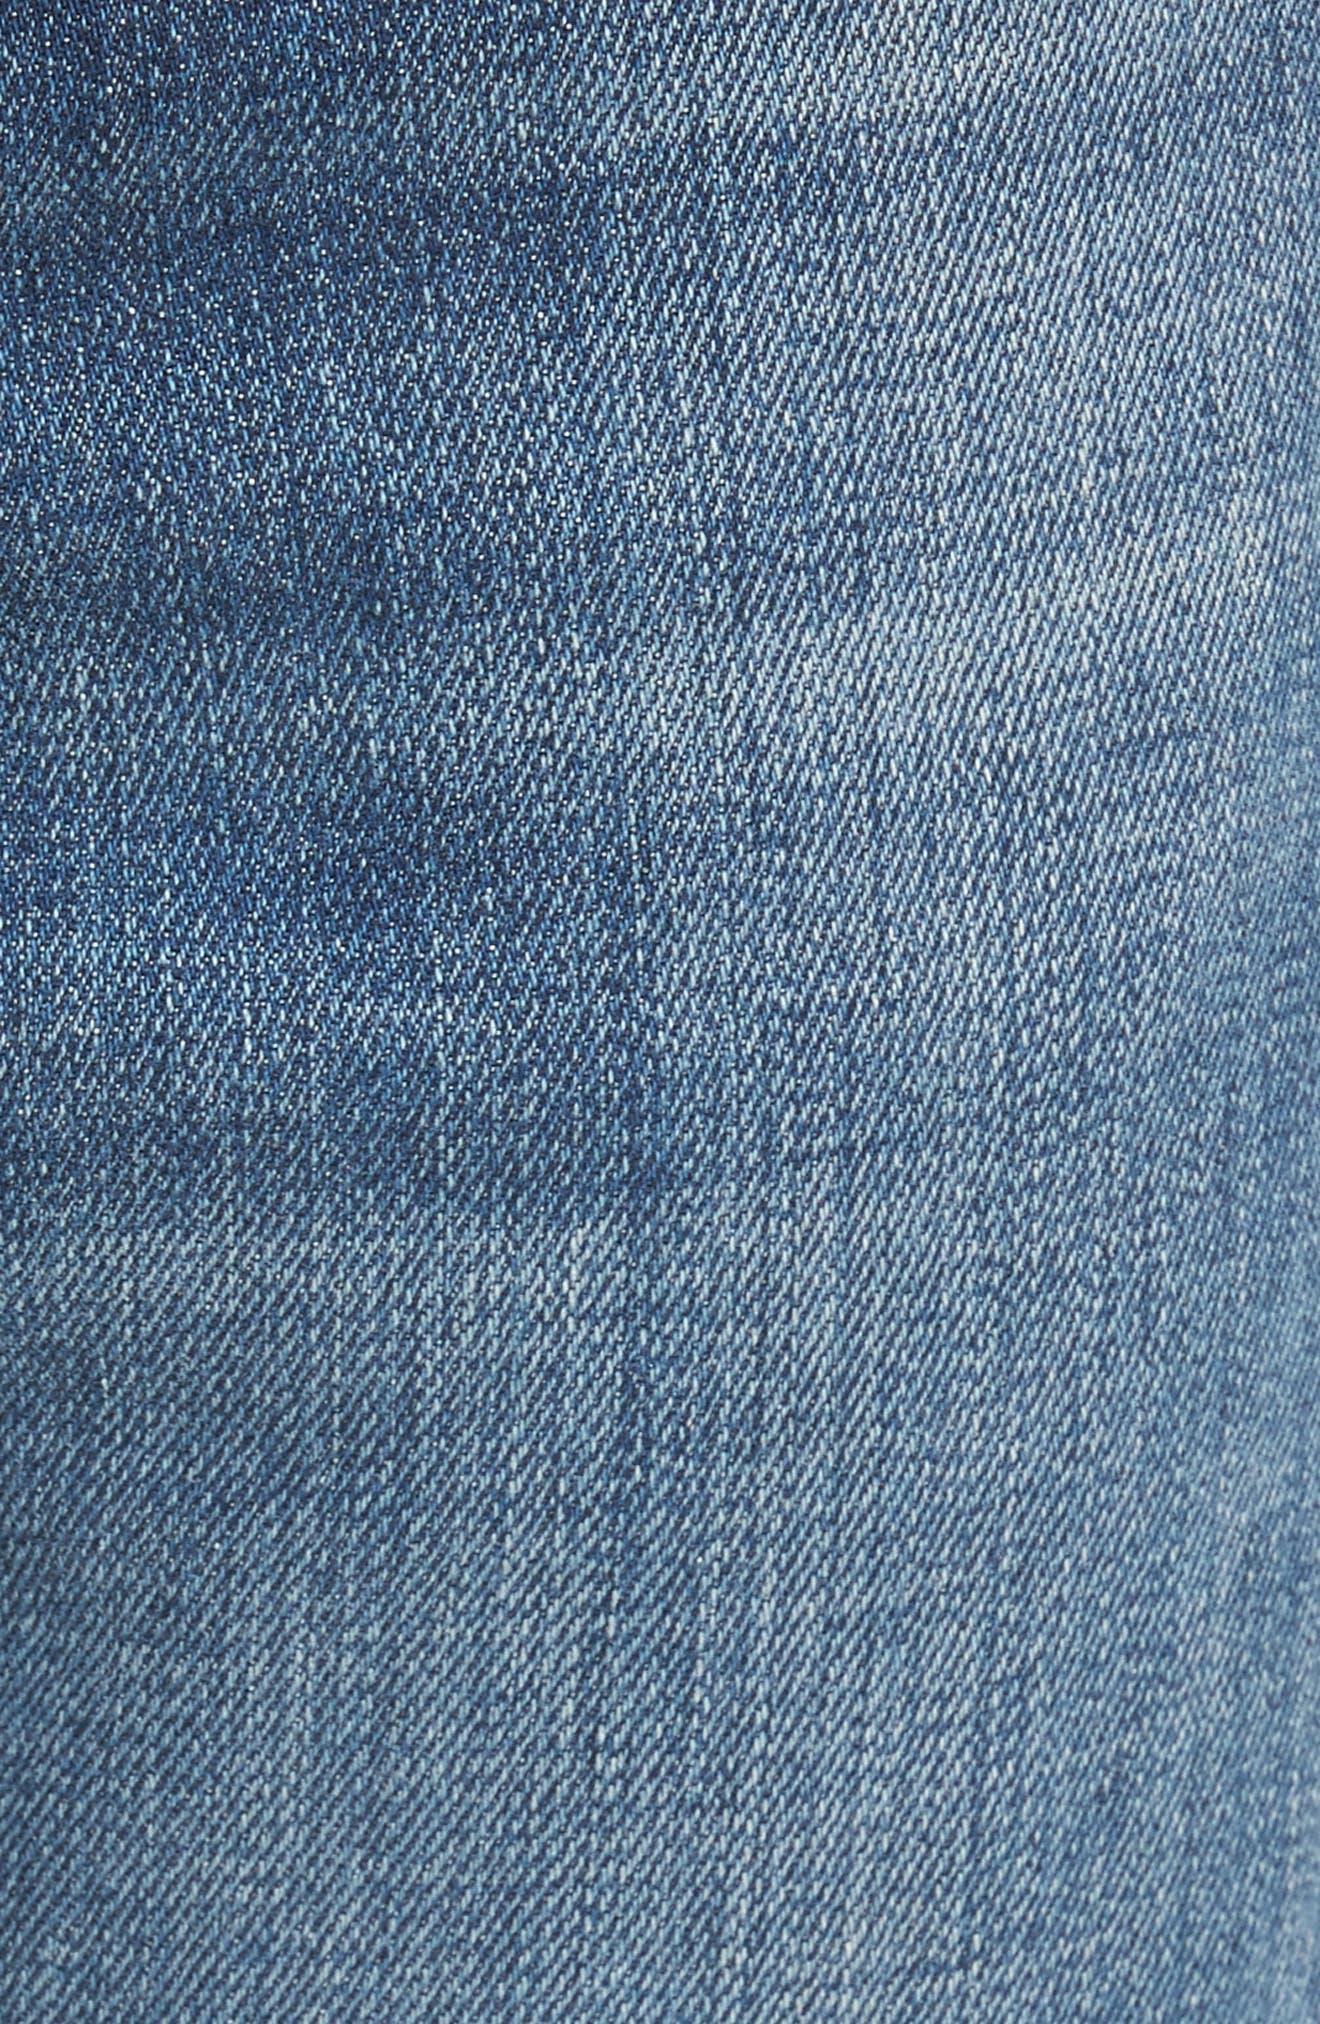 Fit 2 Slim Fit Jeans,                             Alternate thumbnail 5, color,                             LINDEN